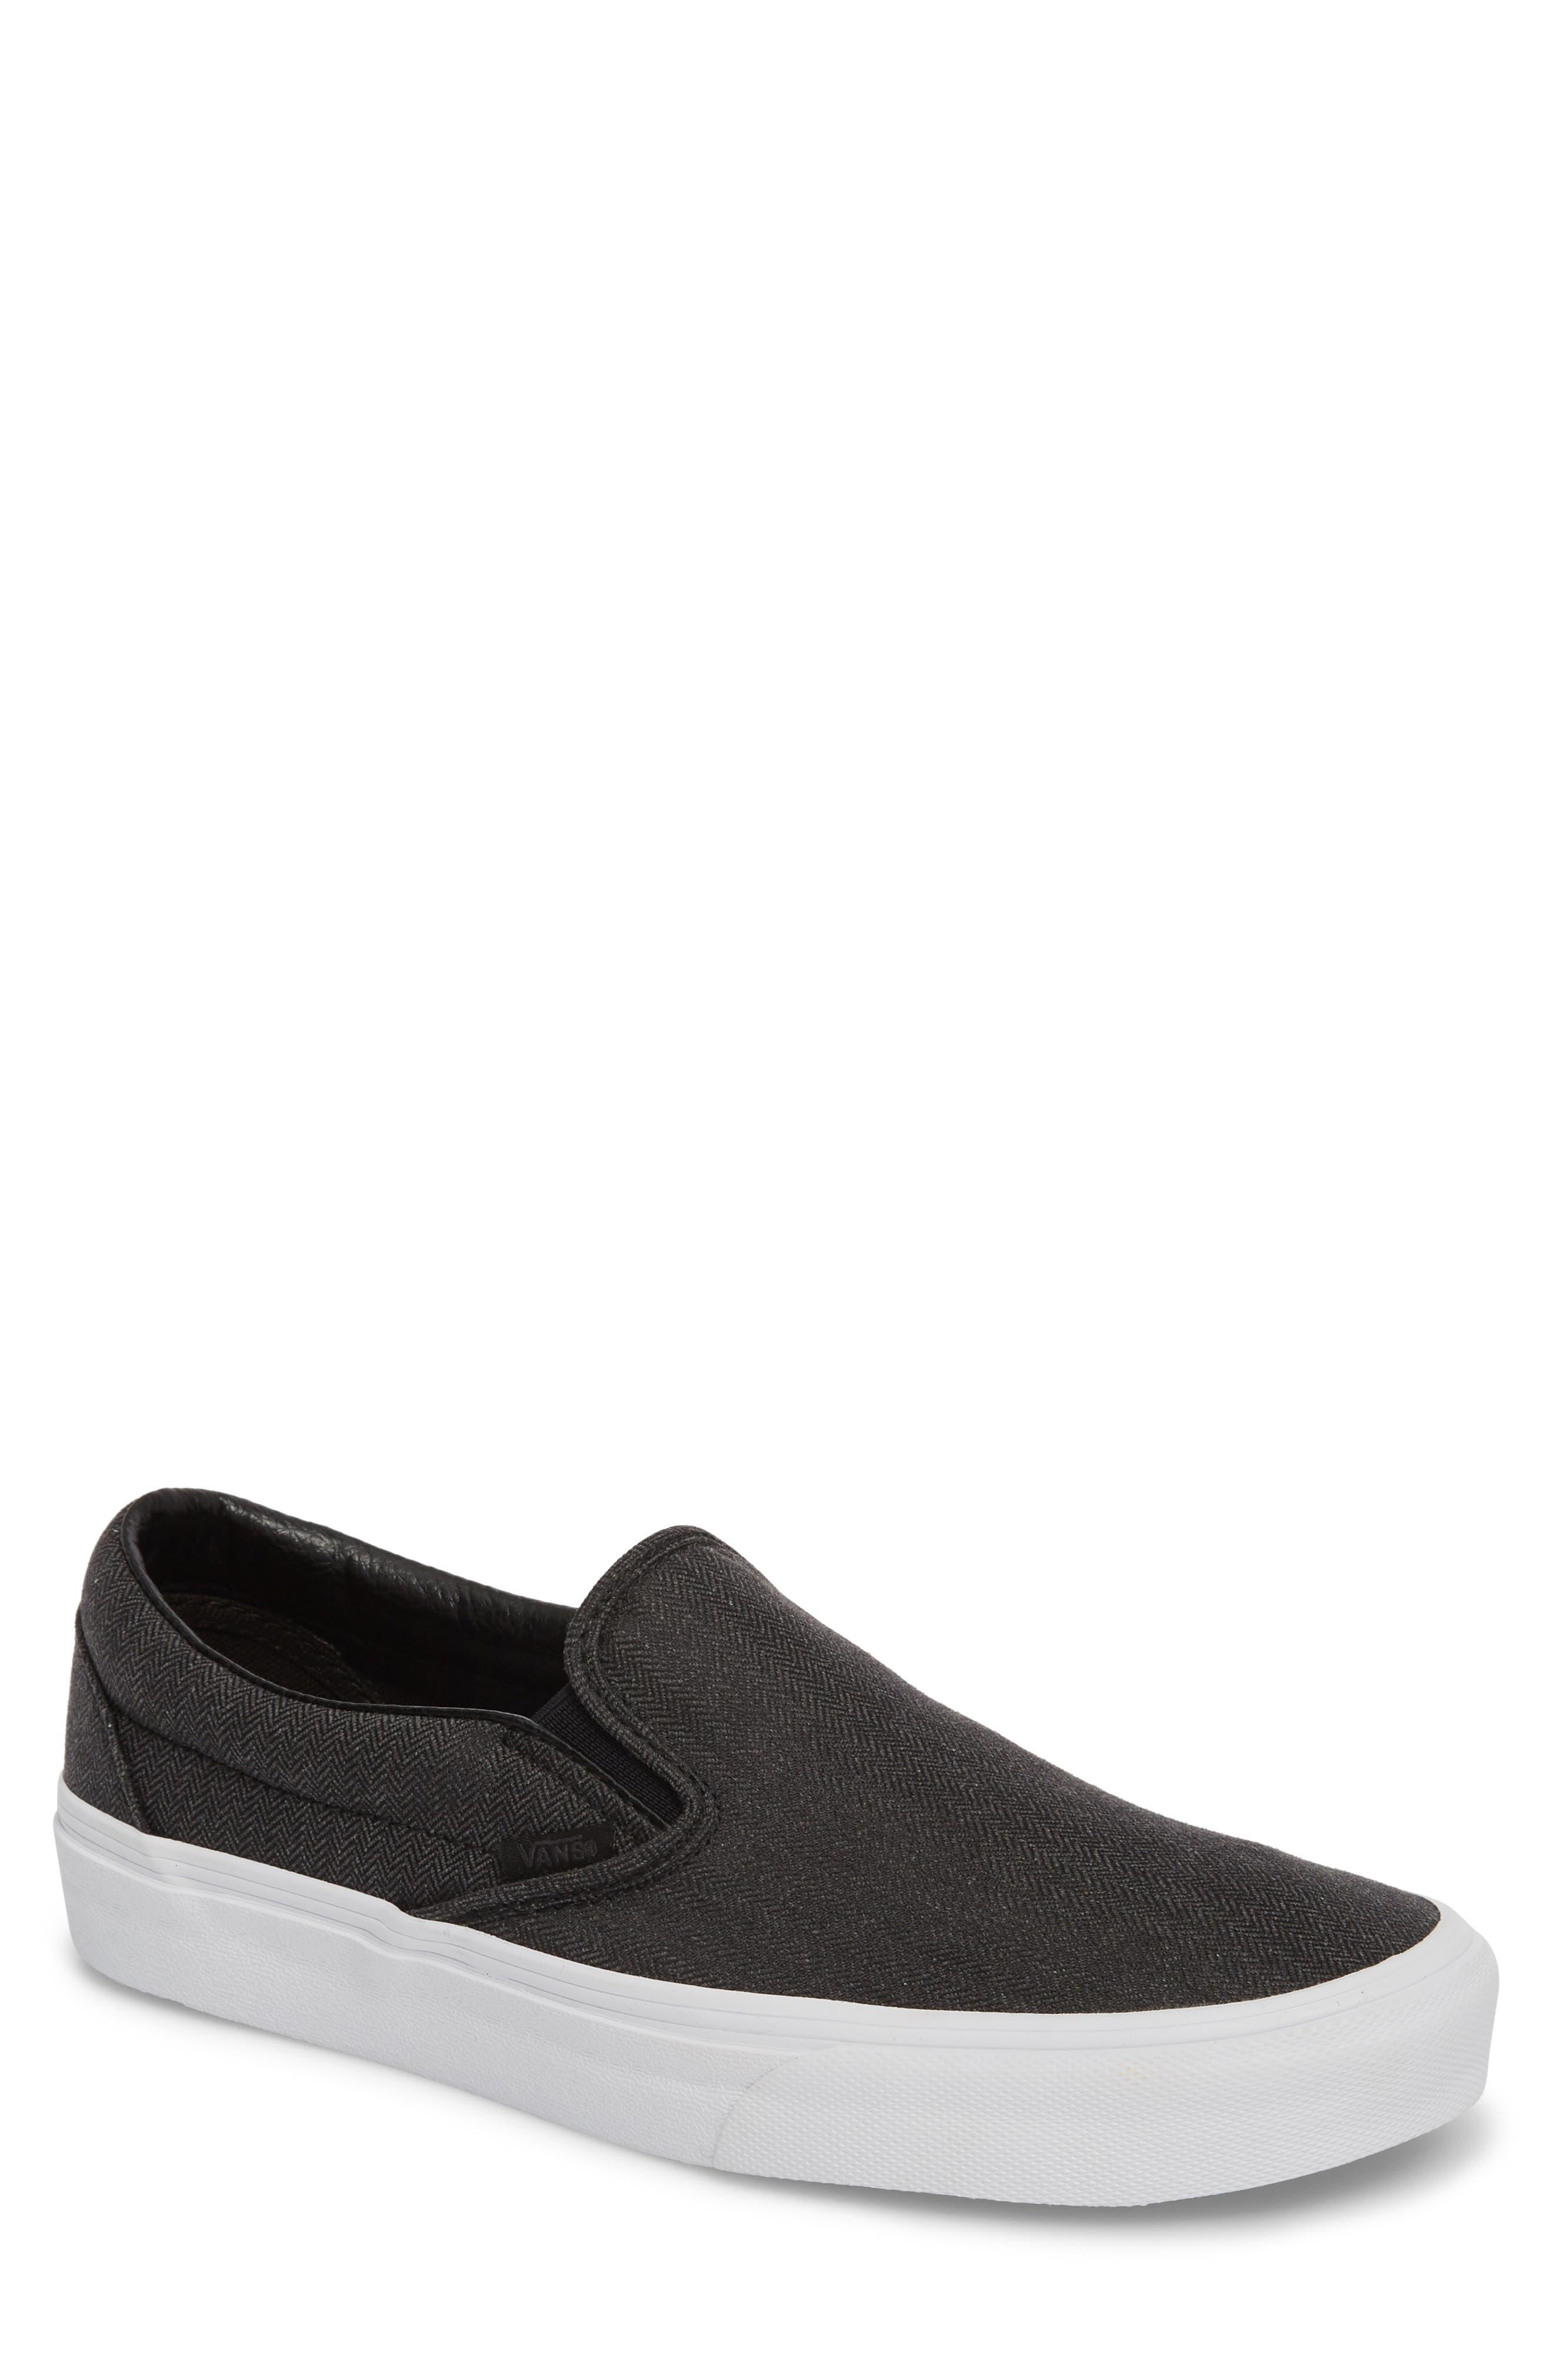 'Classic' Slip-On Sneaker,                         Main,                         color, Black/ True White Fabric